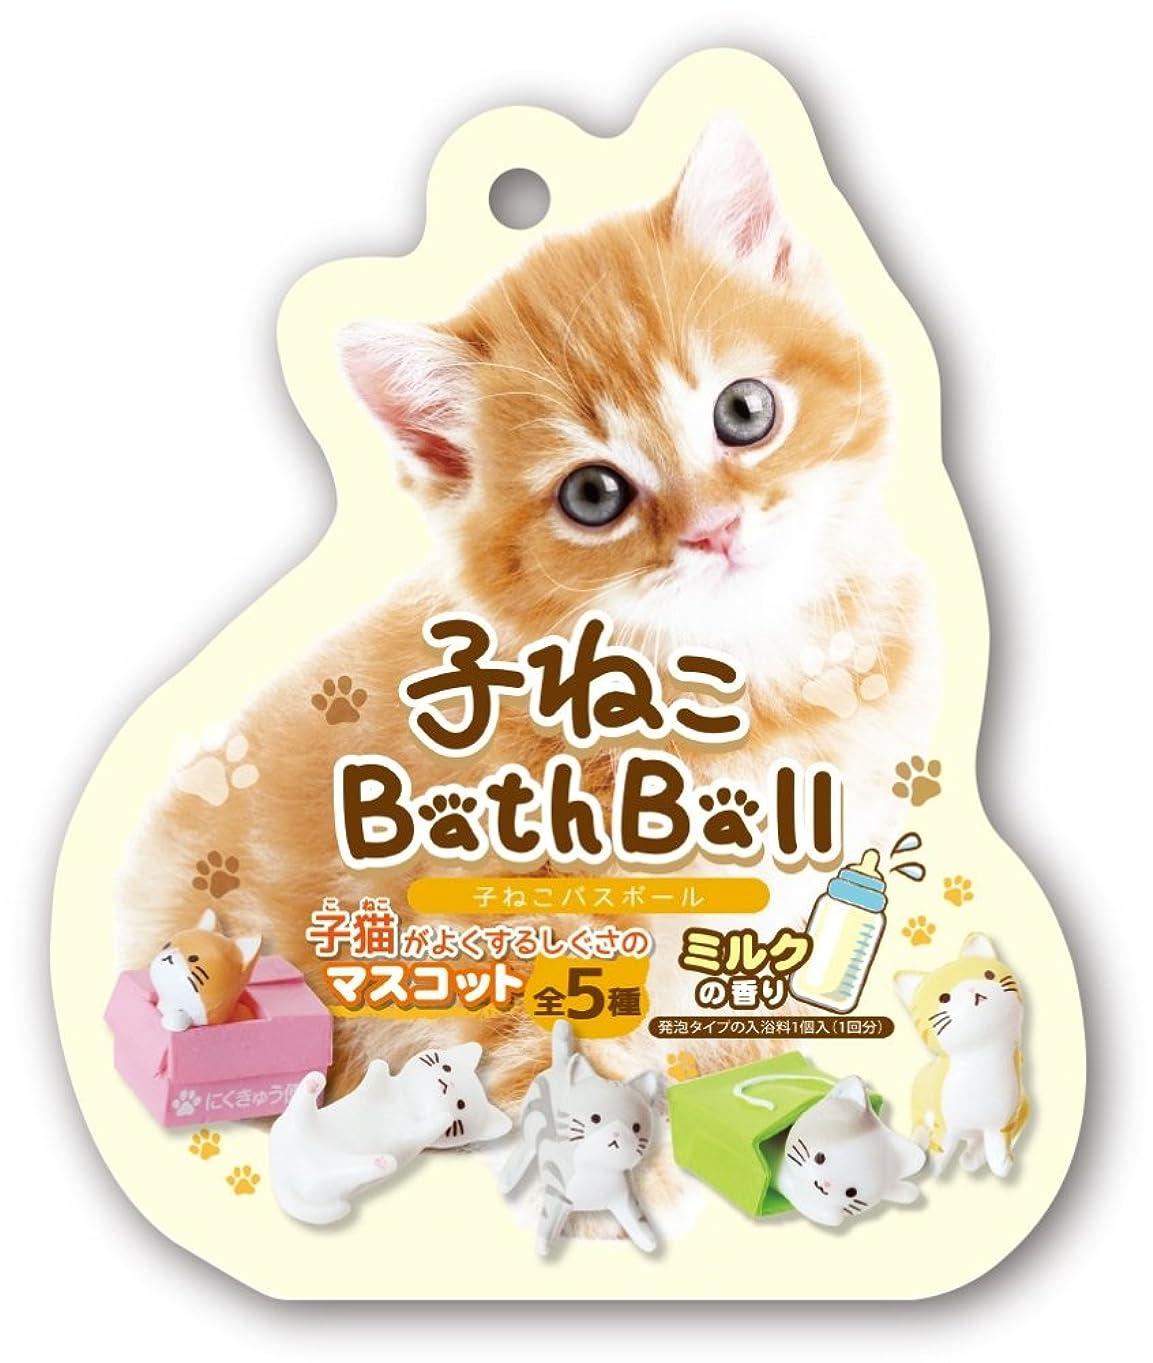 ファックス収束魔女ノルコーポレーション 入浴剤 こねこ バスボール ミルクの香り 50g OB-NEB-2-1